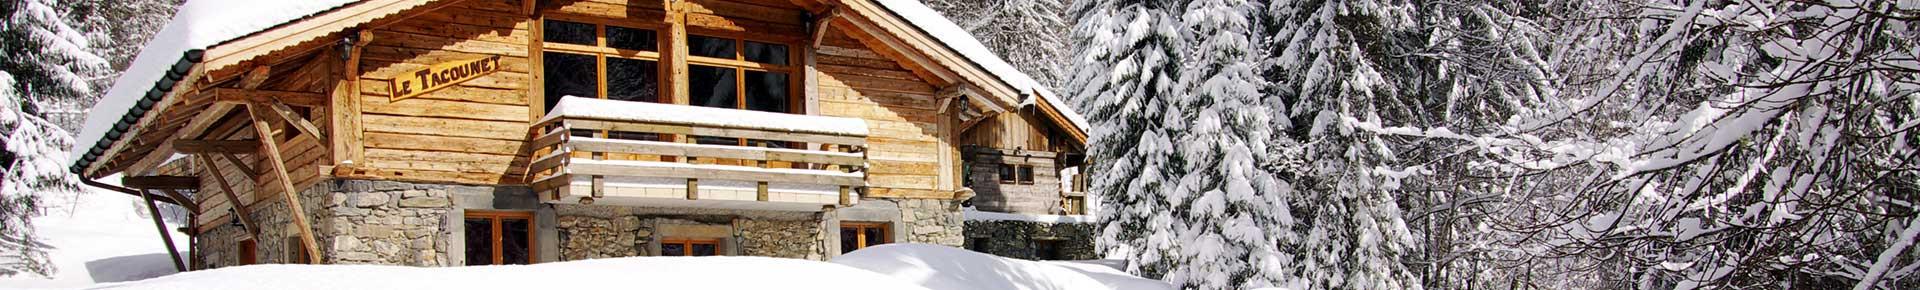 Hôtels Vallée d'Aulps hiver